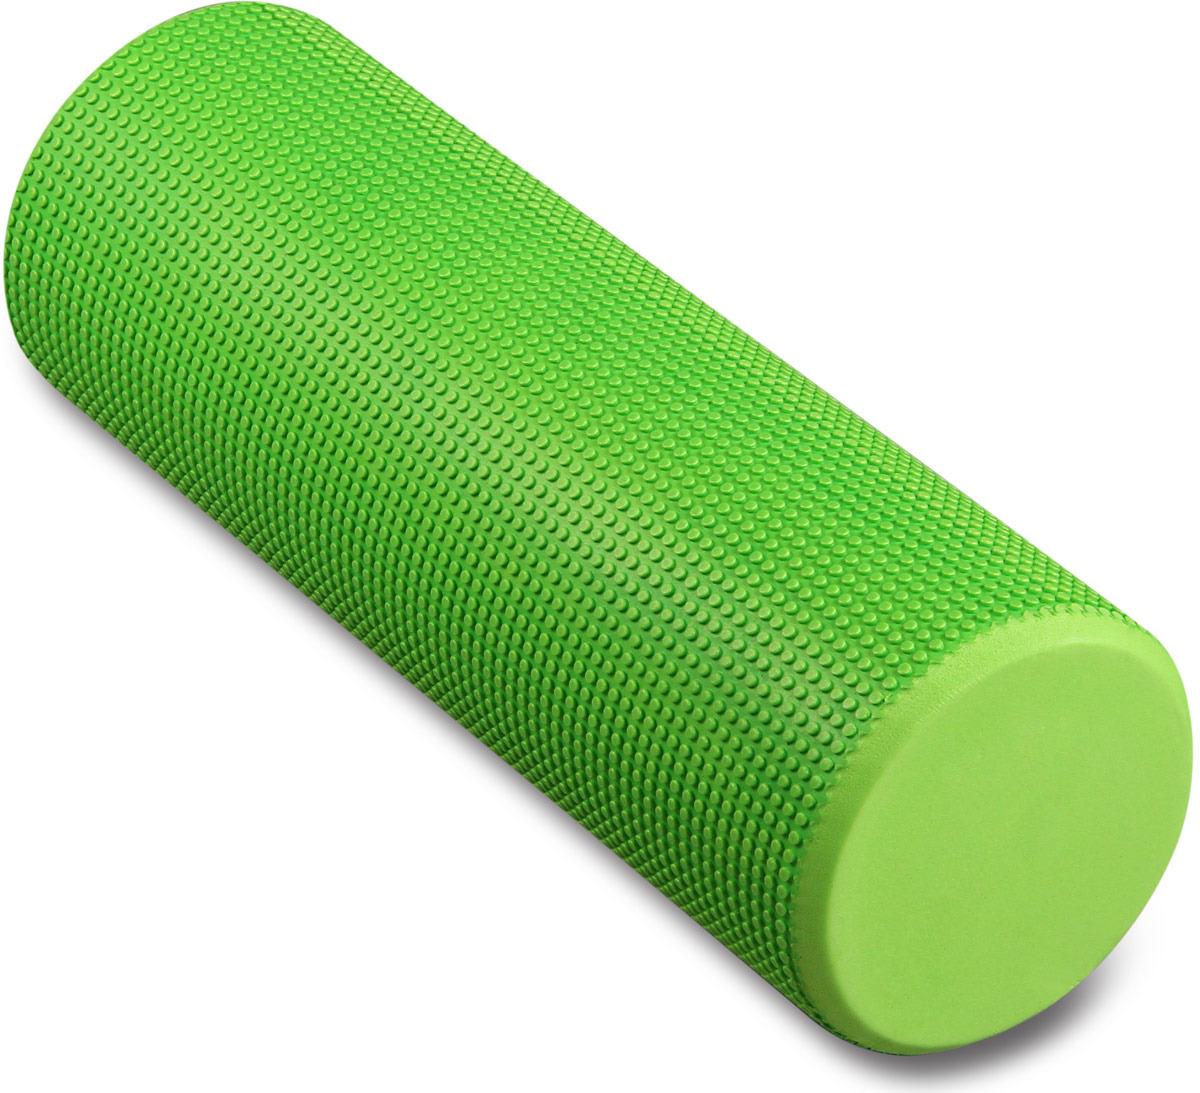 Ролик массажный для йоги Indigo, зеленый, 15 х 45 см цена